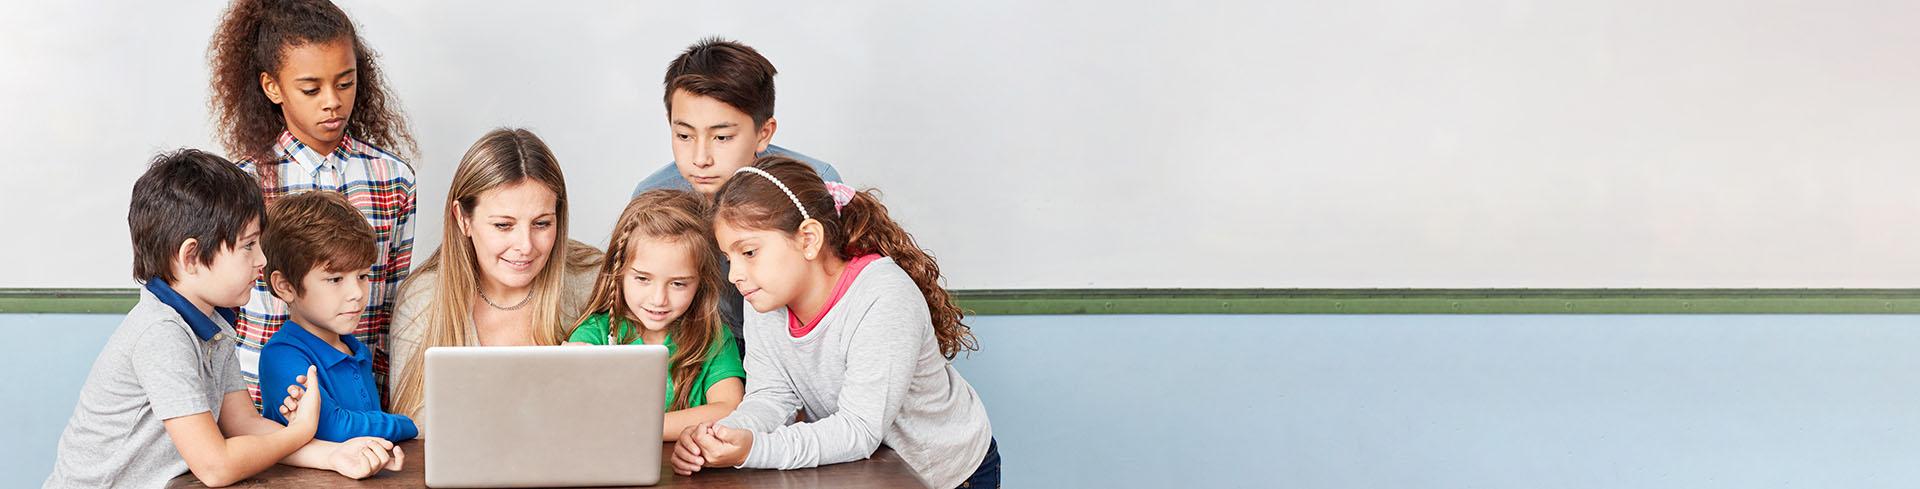 Groep kinderen met de juf achter de laptop